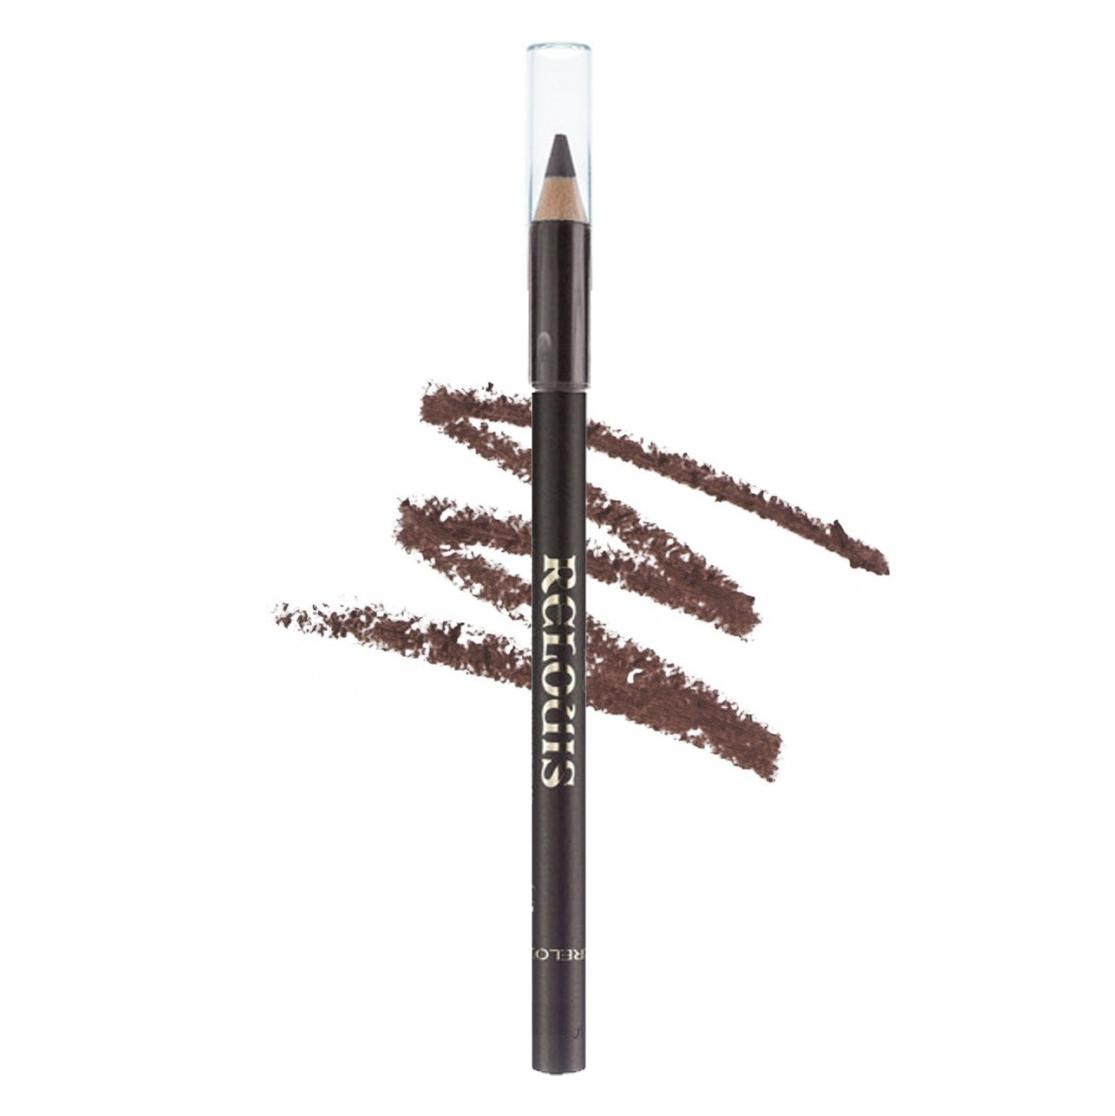 Контурний олівець для очей Relouis Relouis з вітаміном Е № 03 Коричневий 1,13 г